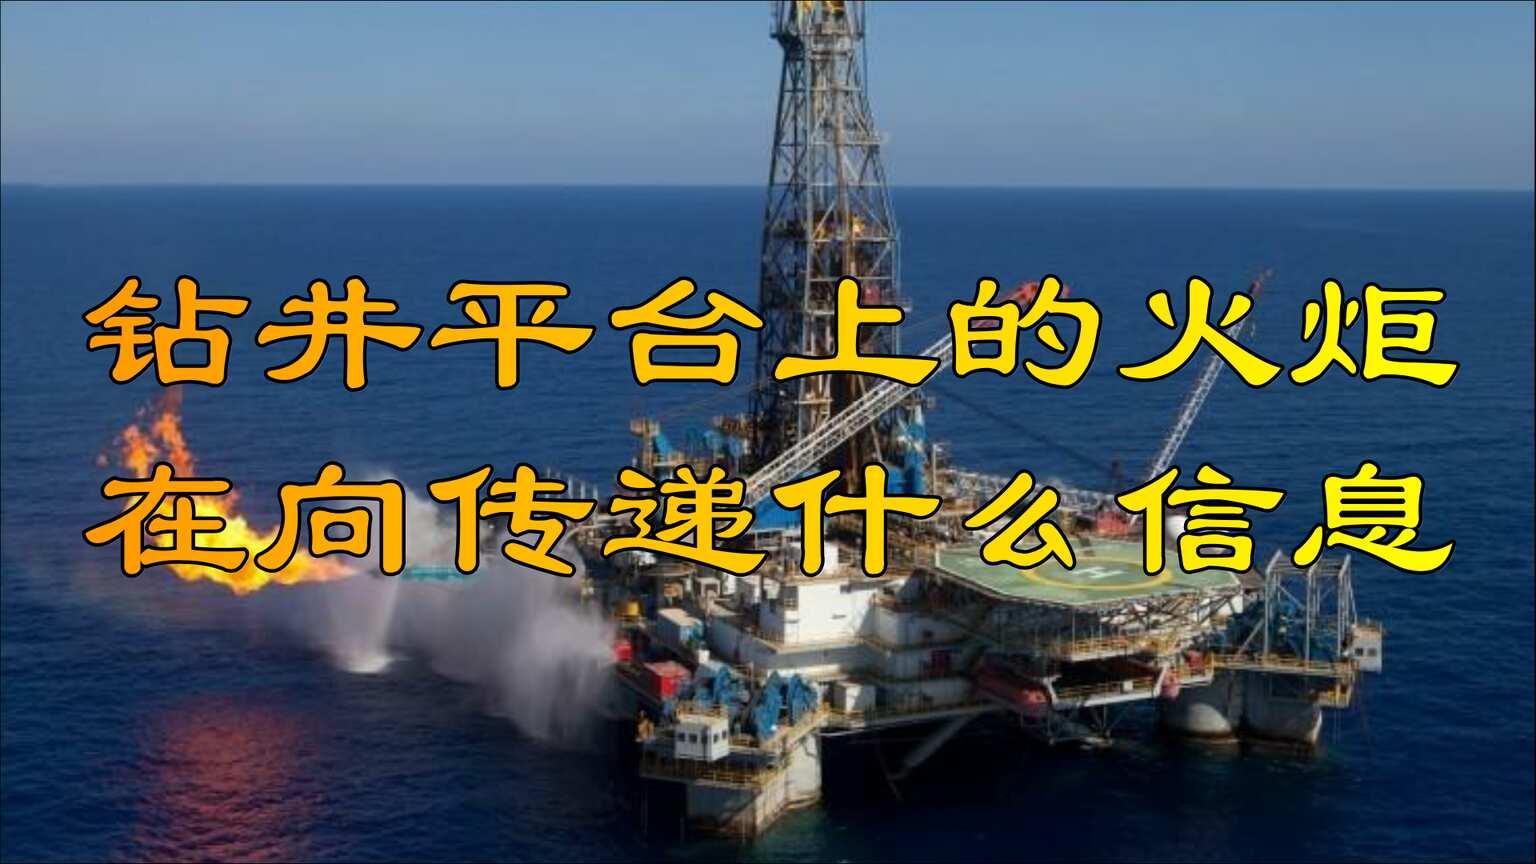 石油钻井平台上常年燃烧的火炬,究竟在向我们传递什么信息